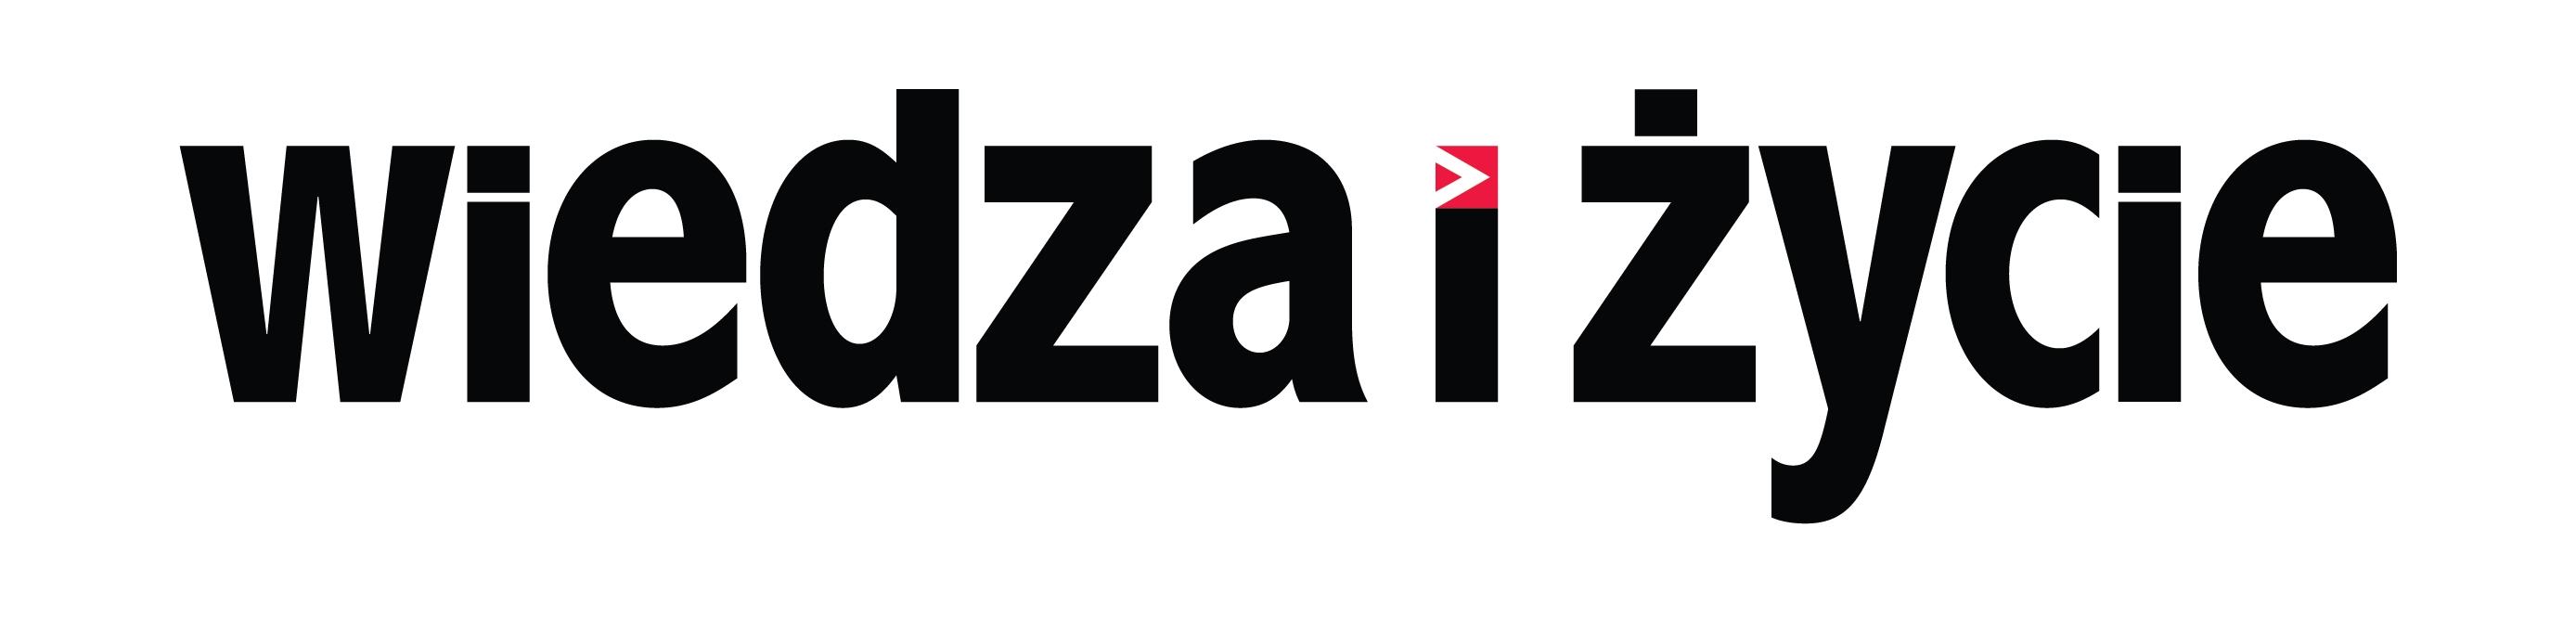 logo-Wiedza-i-Zycie.jpg